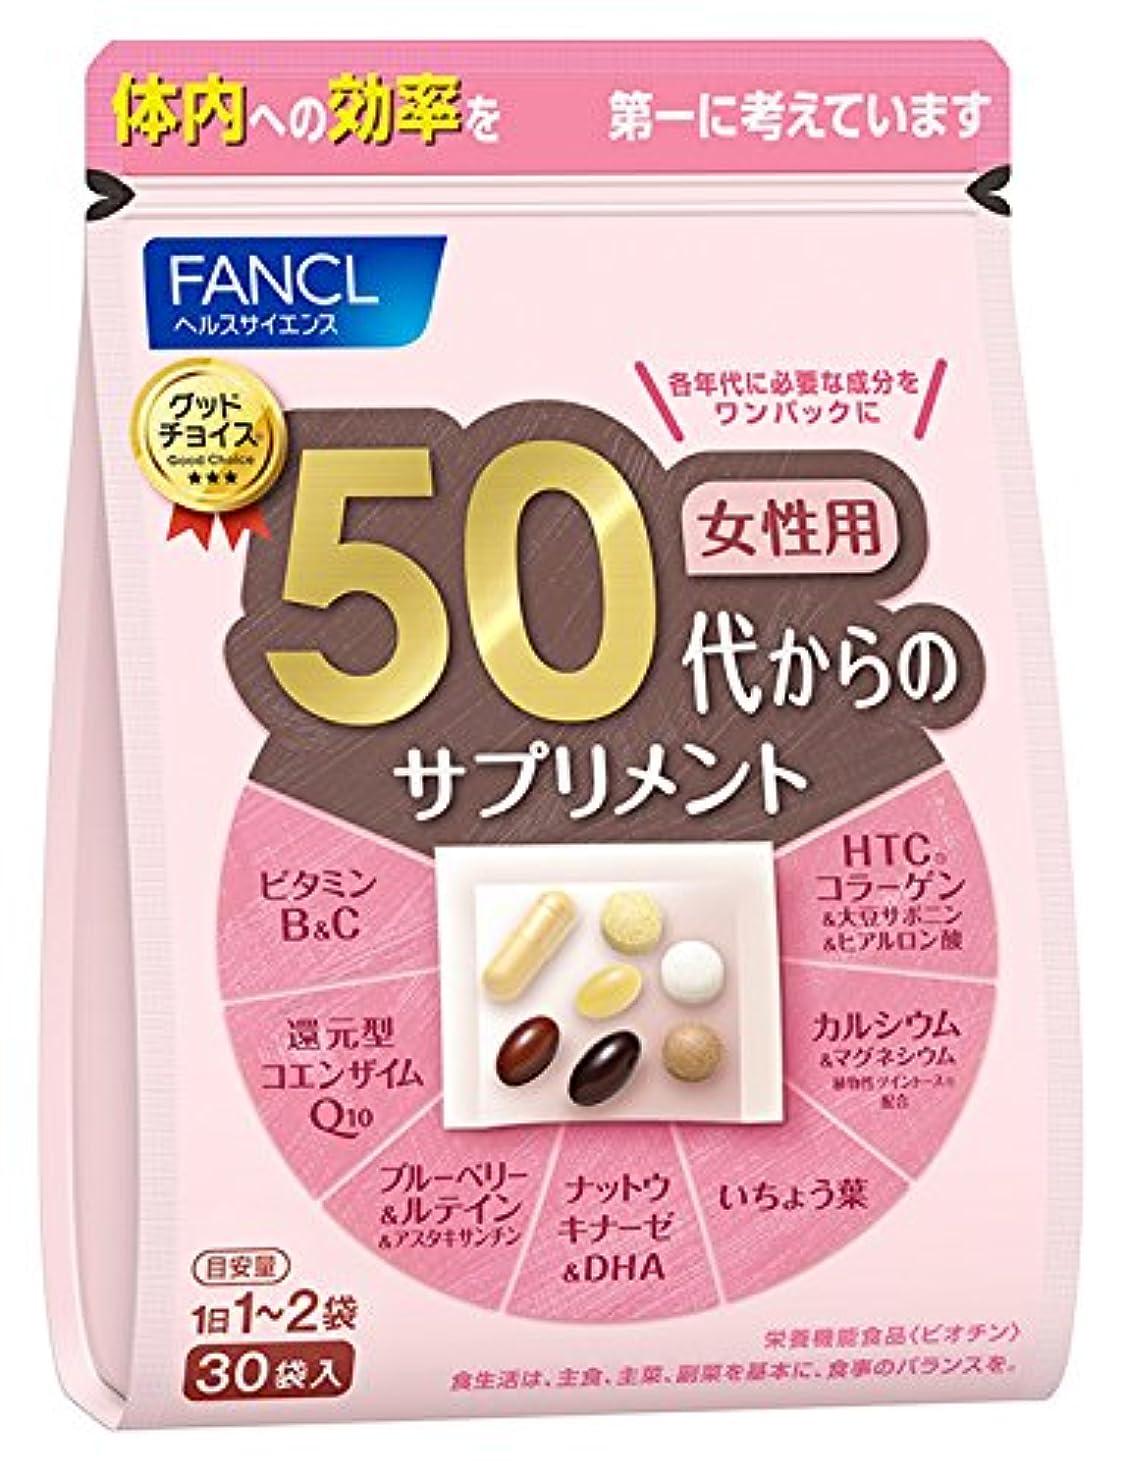 開拓者デッキ銛ファンケル (FANCL) 50代からのサプリメント女性用 (15~30日分) 7粒×30袋